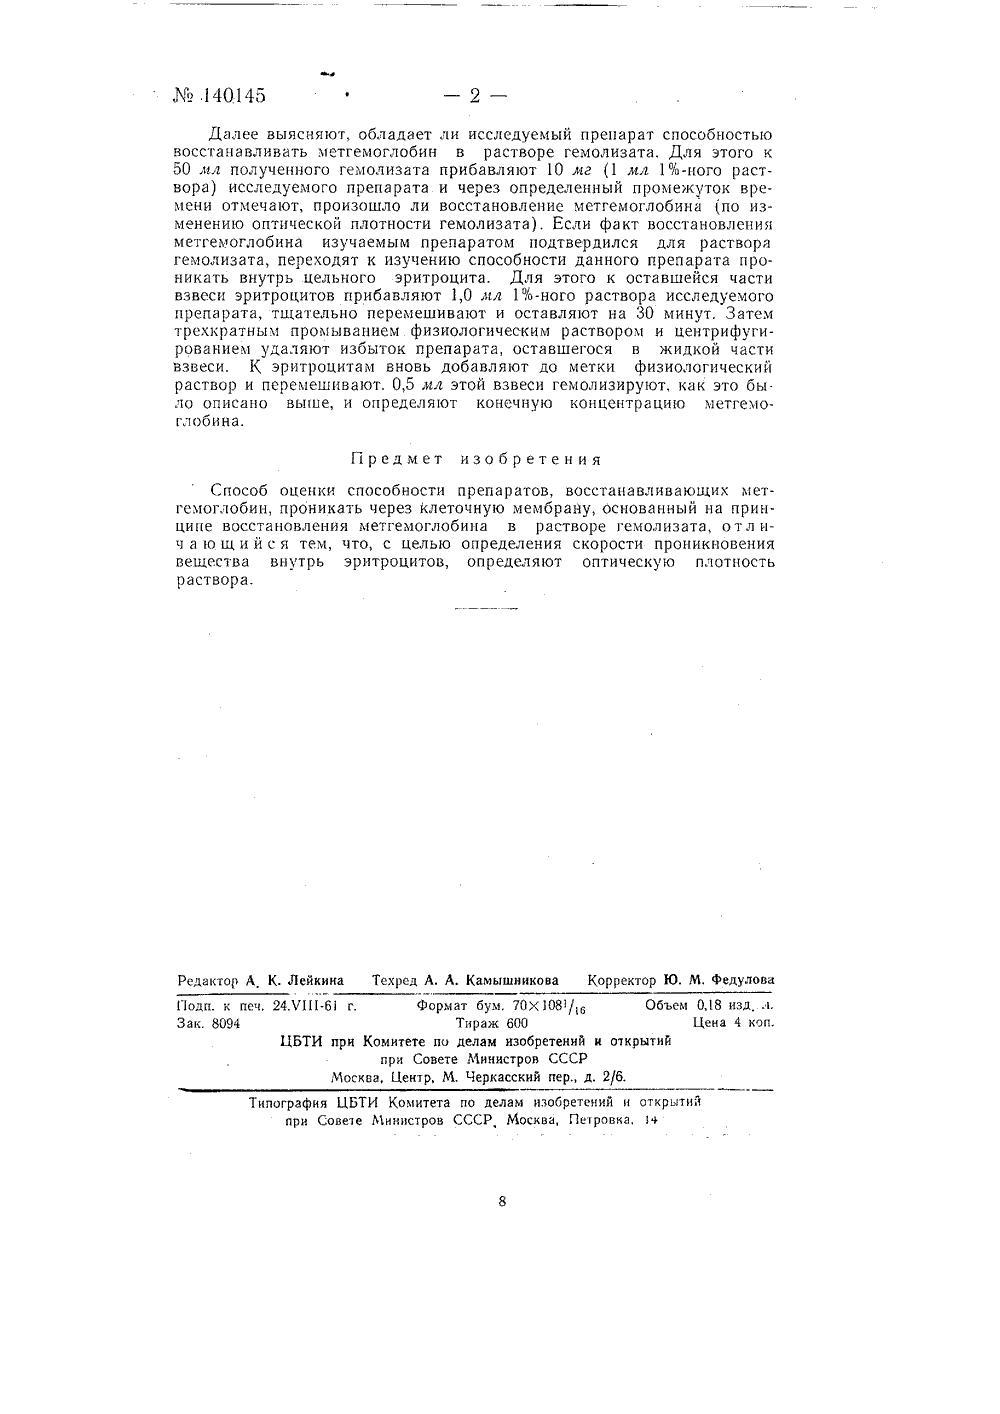 Метгемоглобин